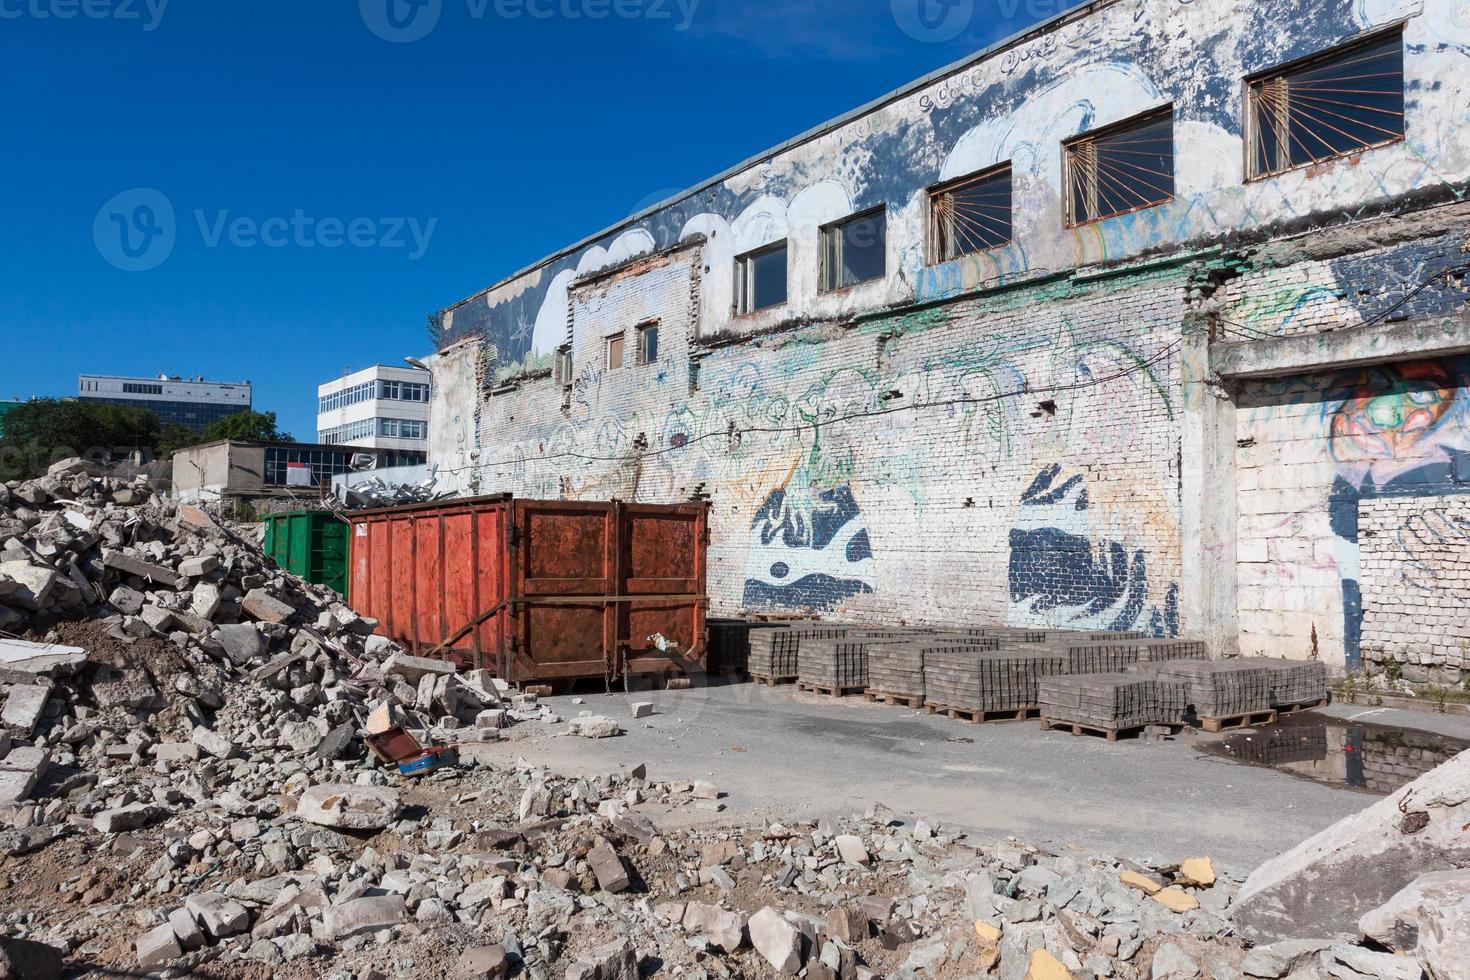 décombres sur chantier photo